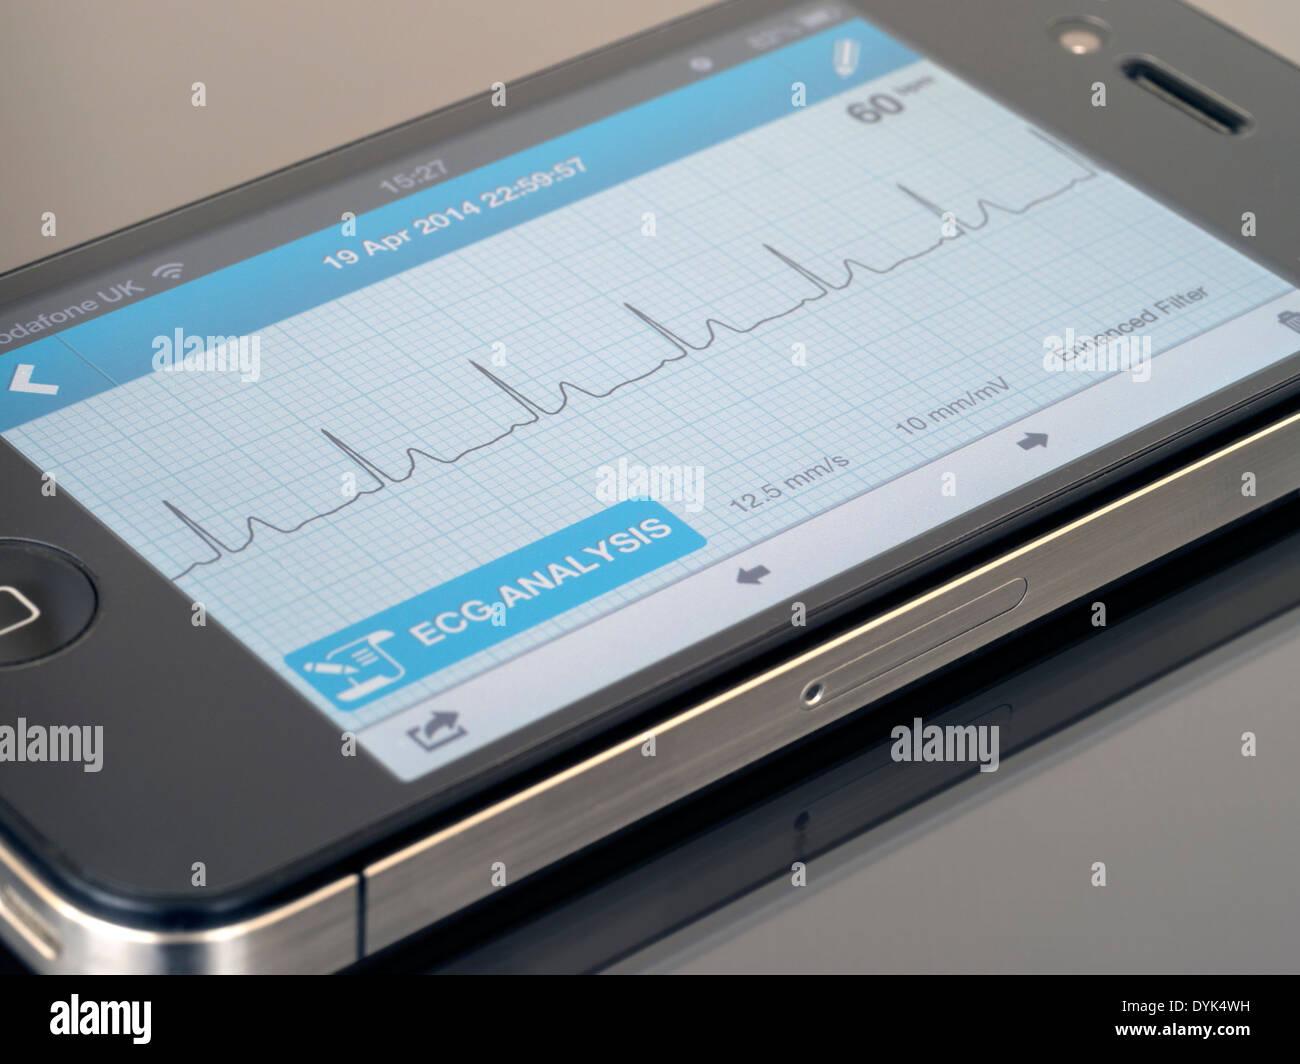 Ekg Monitor Stock Photos & Ekg Monitor Stock Images - Alamy